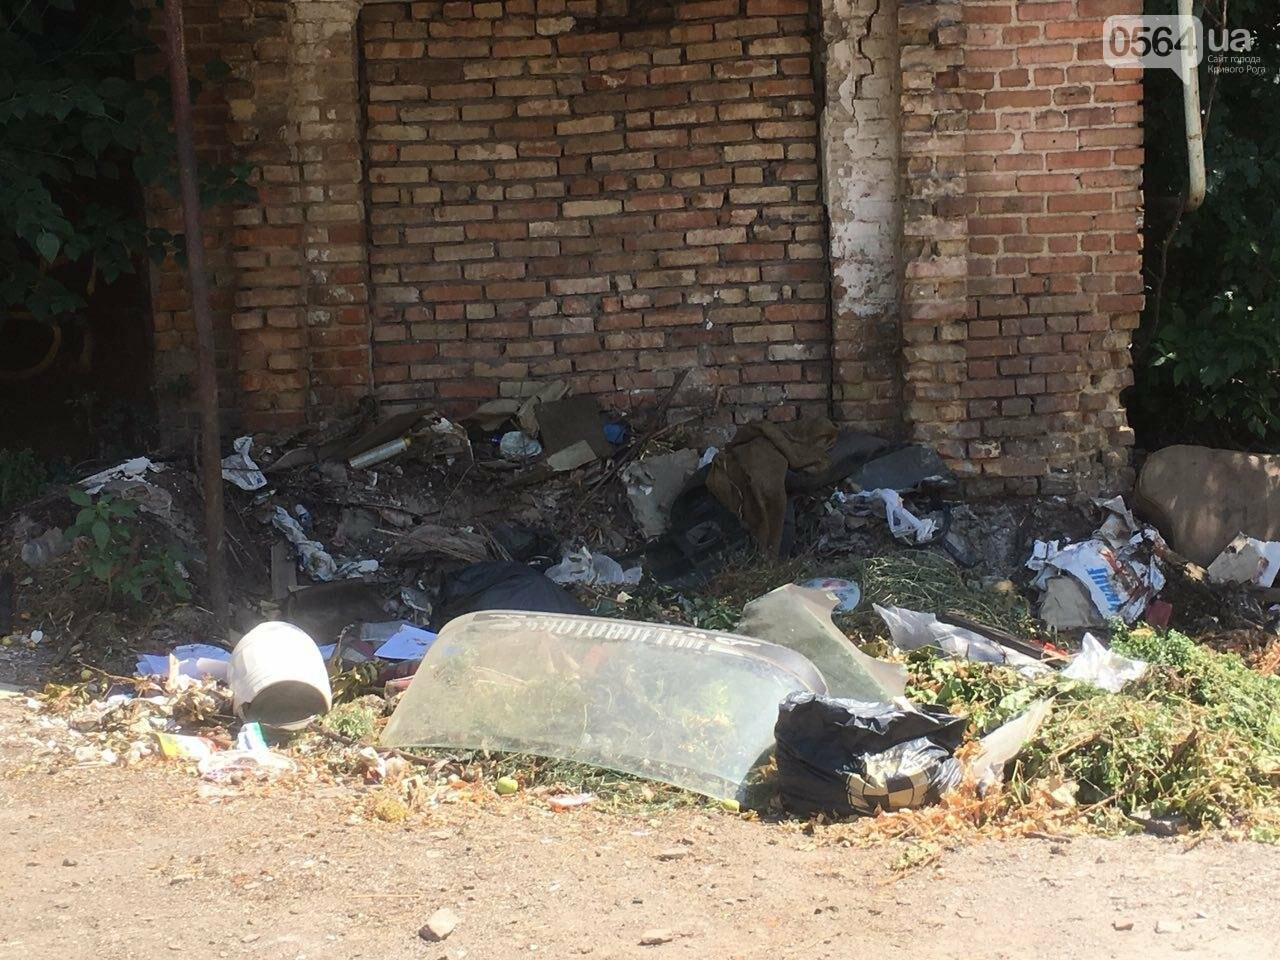 Криворожане помогли бездомной пожилой женщине, проживавшей за мусорными контейнерами, - ФОТО, ВИДЕО , фото-2